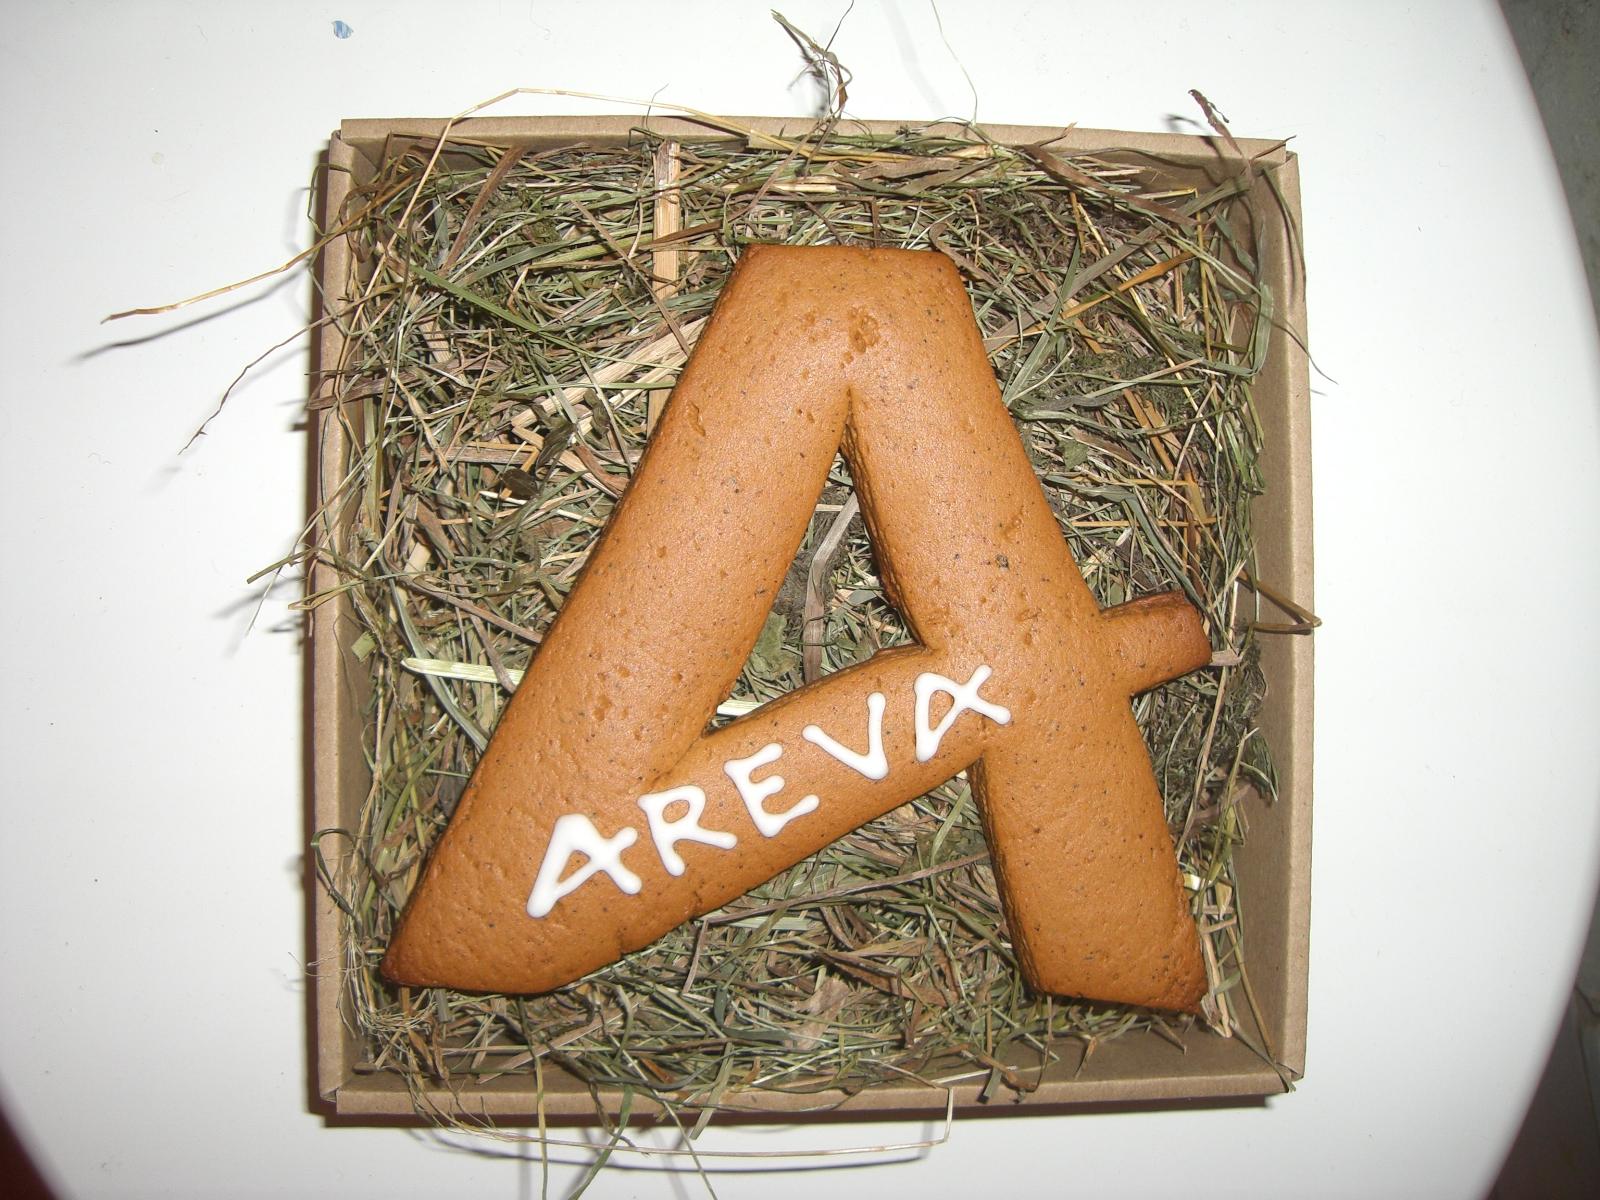 Pudełko z piernikiem Areva